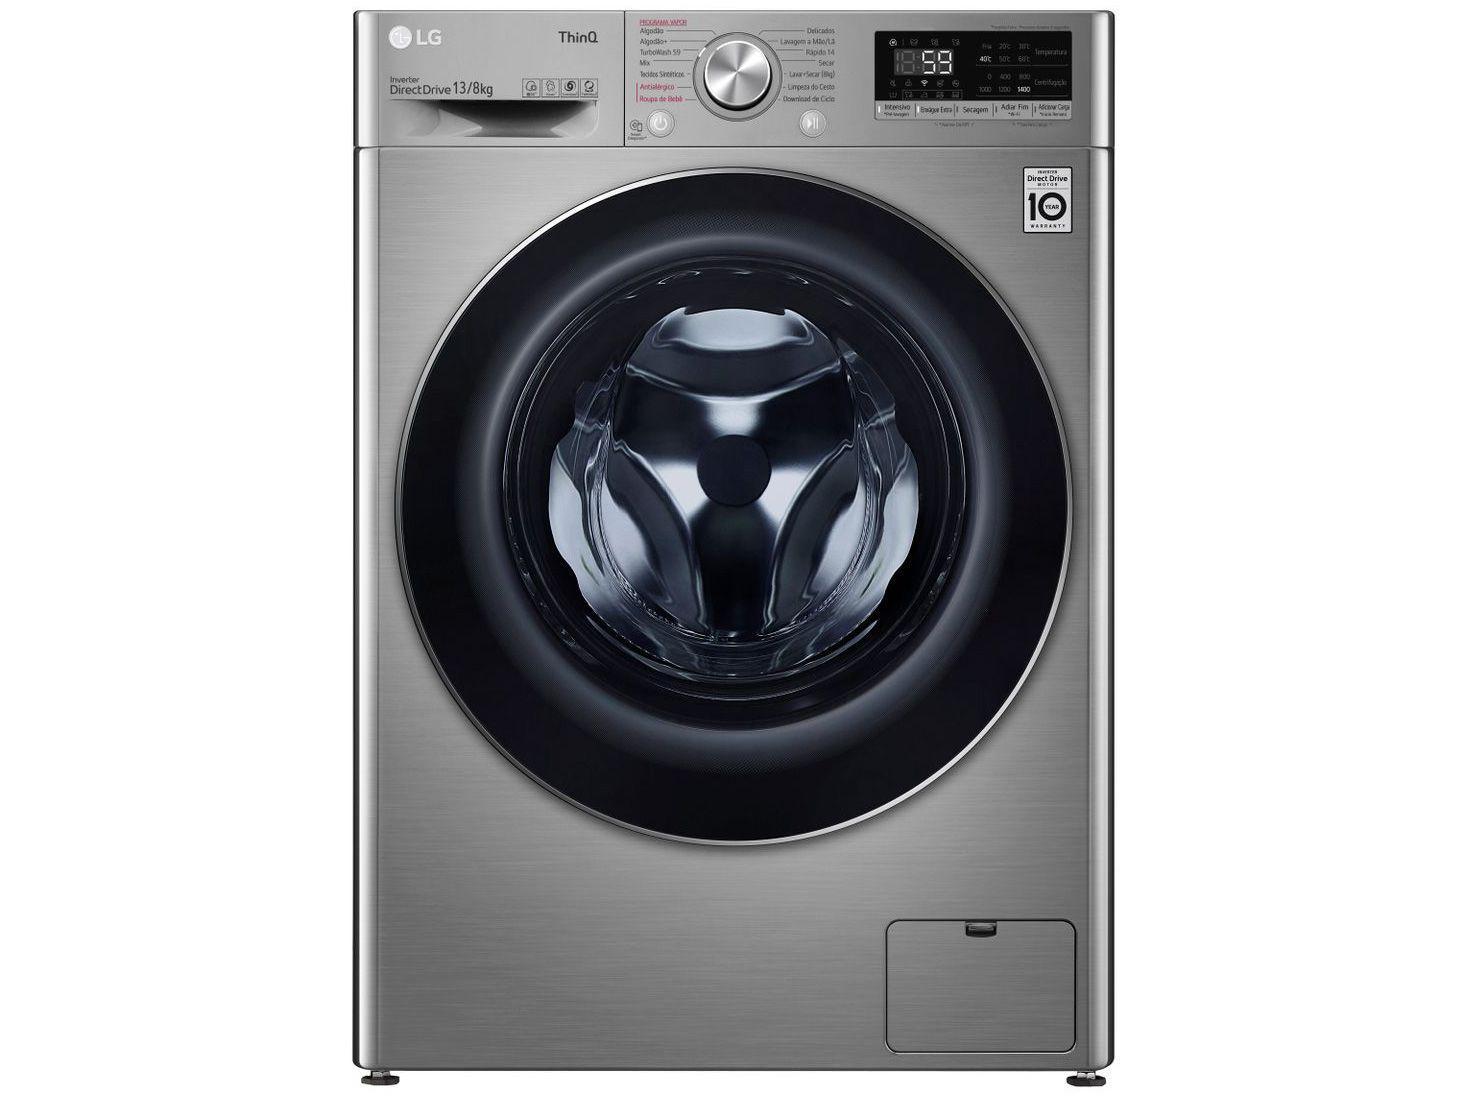 Lava e Seca LG 13Kg CV5013EC4 Inverter Smart Wi-Fi - Água Quente e Fria 14 Programas de Lavagem